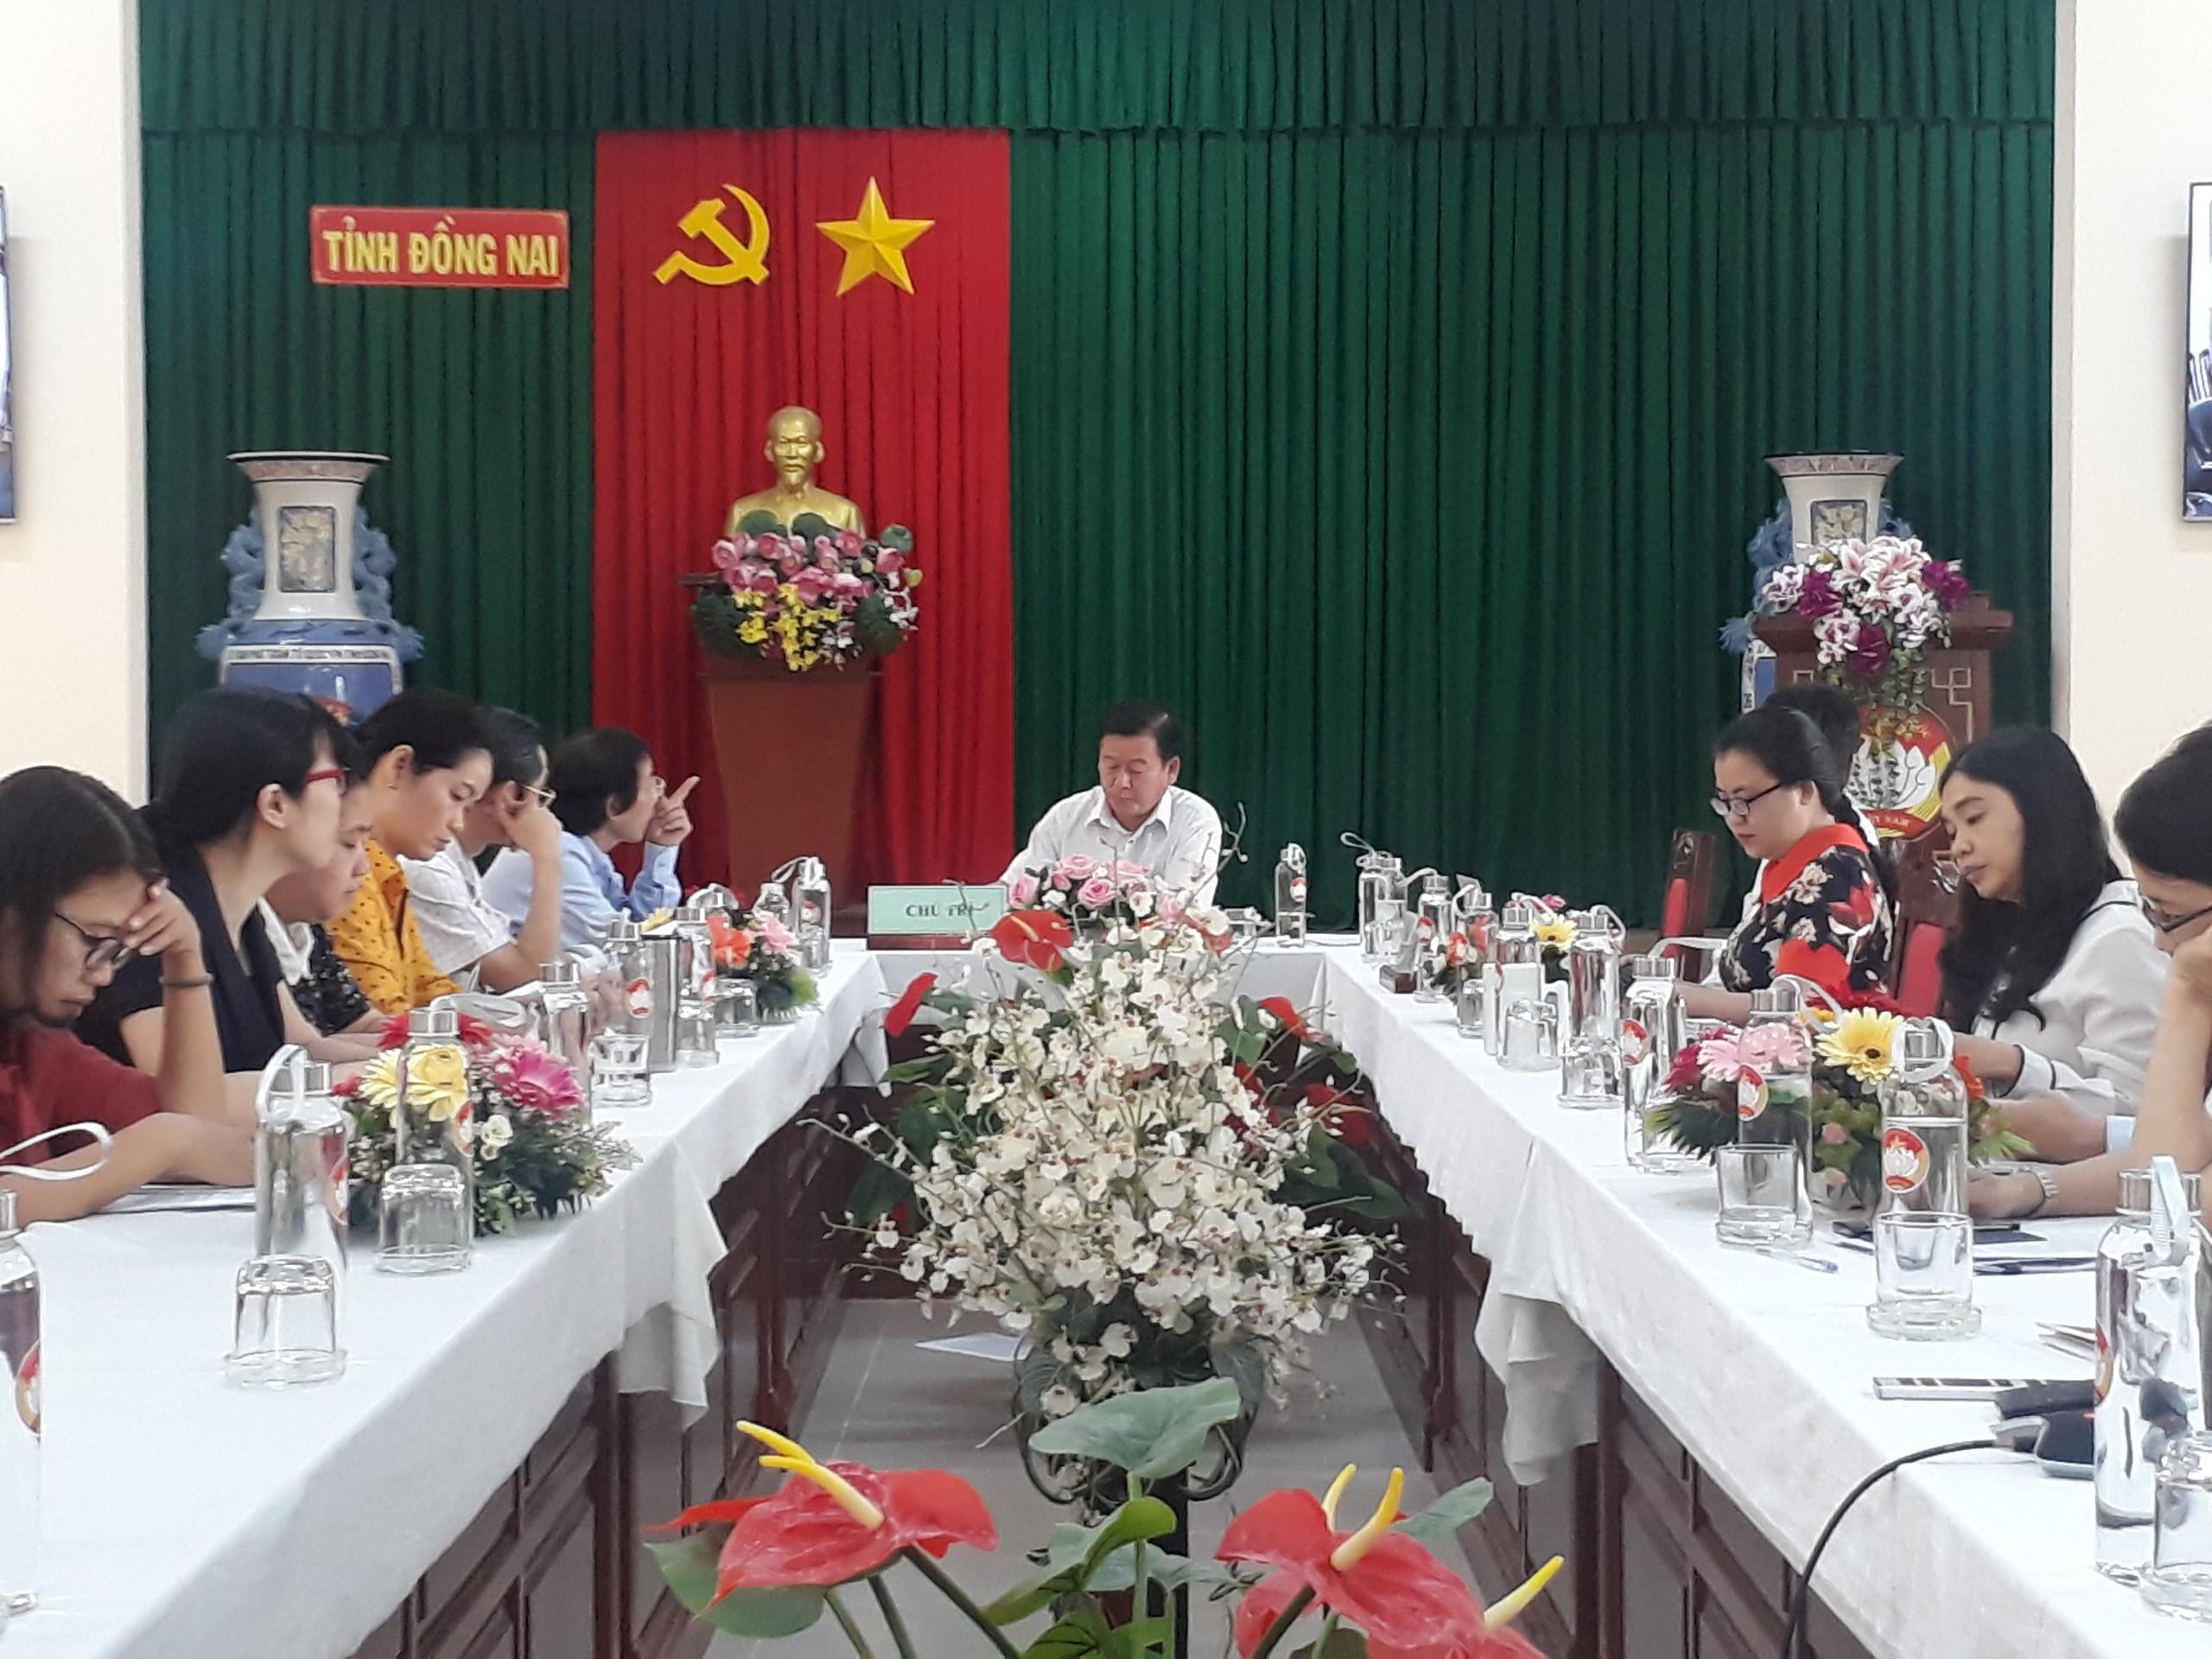 Hội nghị trực tuyến góp ý dự thảo Hướng dẫn kiện toàn tổ chức Mặt trận cấp huyện, cấp xã sau khi sắp...